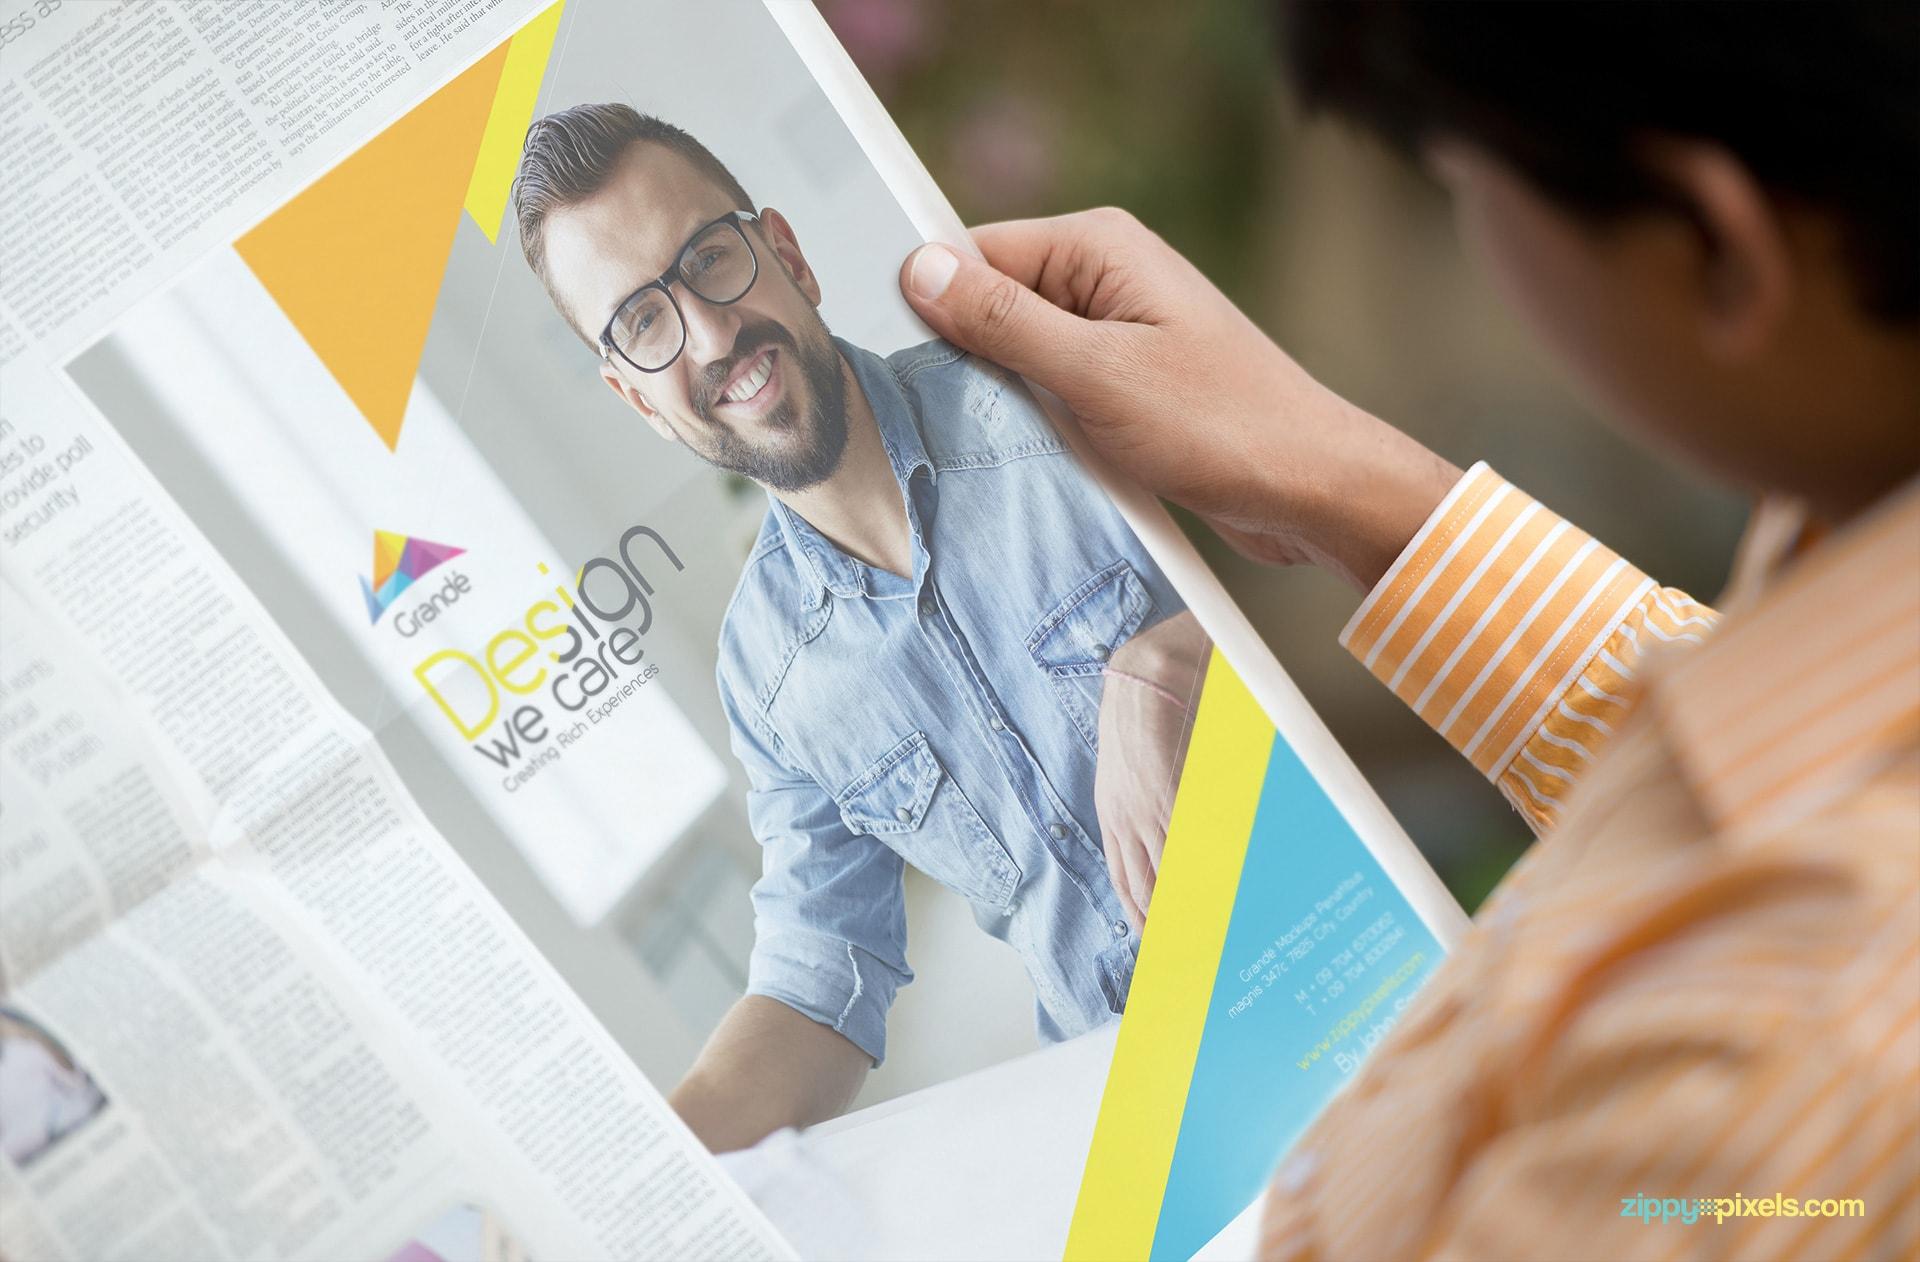 Advertising Mockup of Newspaper Ads Held in Hands